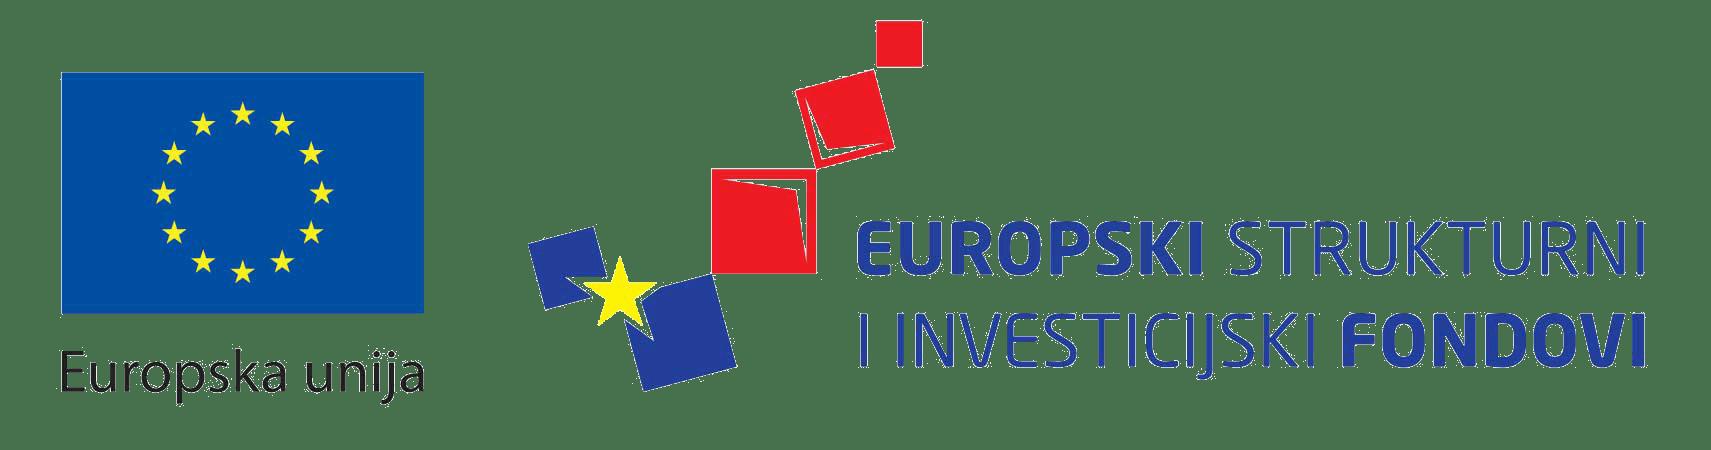 logotip europskih investicijskih i strukturnih fondova